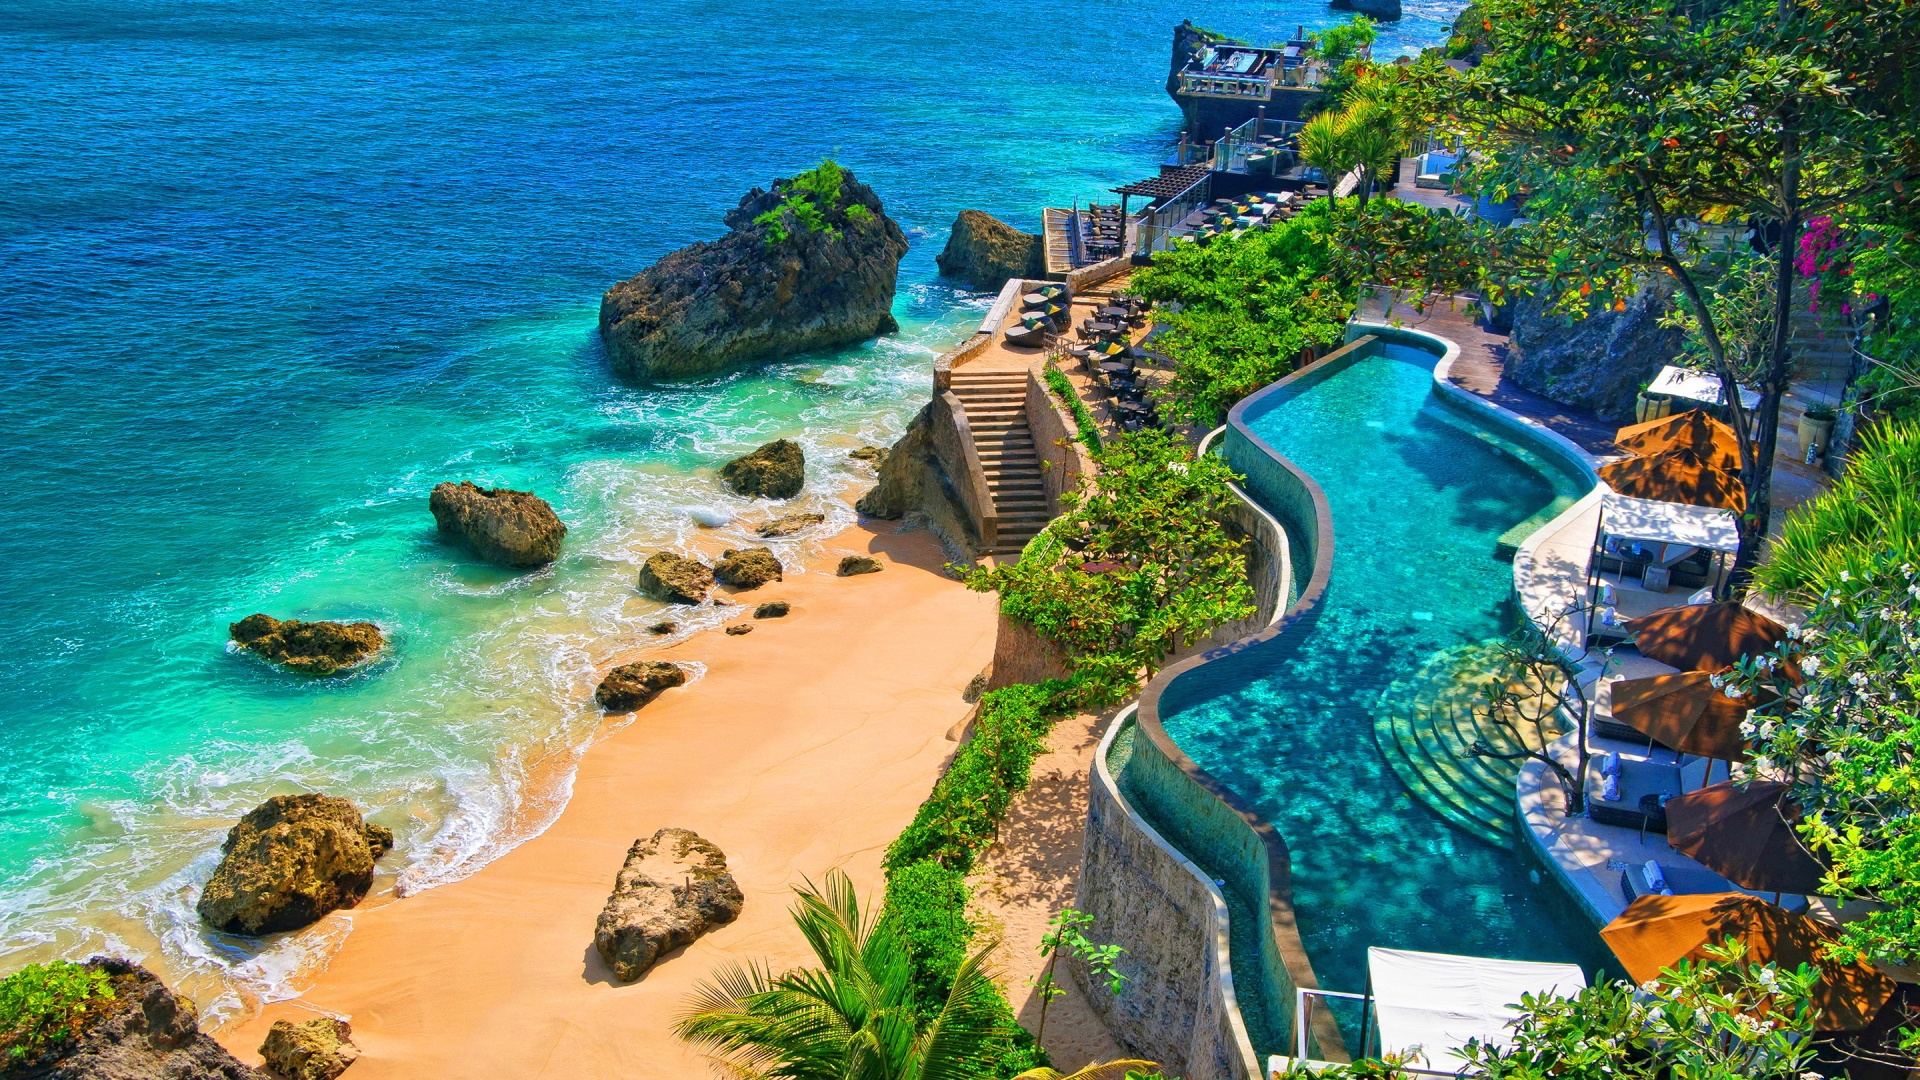 De ce sa iti petreci concediul in Bali?